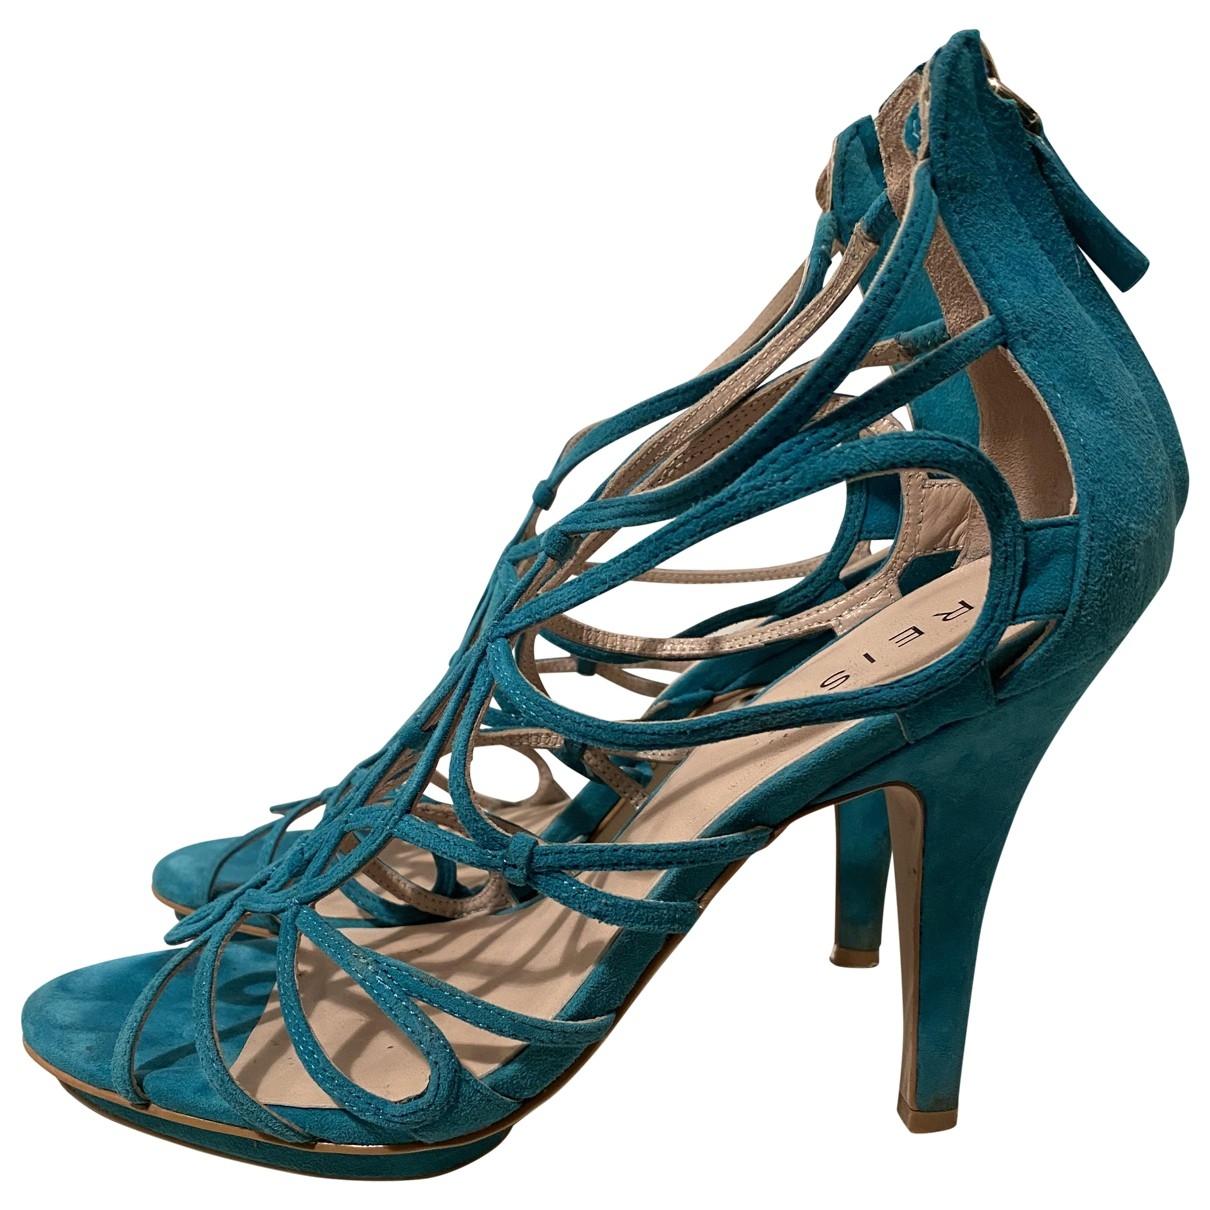 Reiss - Sandales   pour femme en suede - turquoise